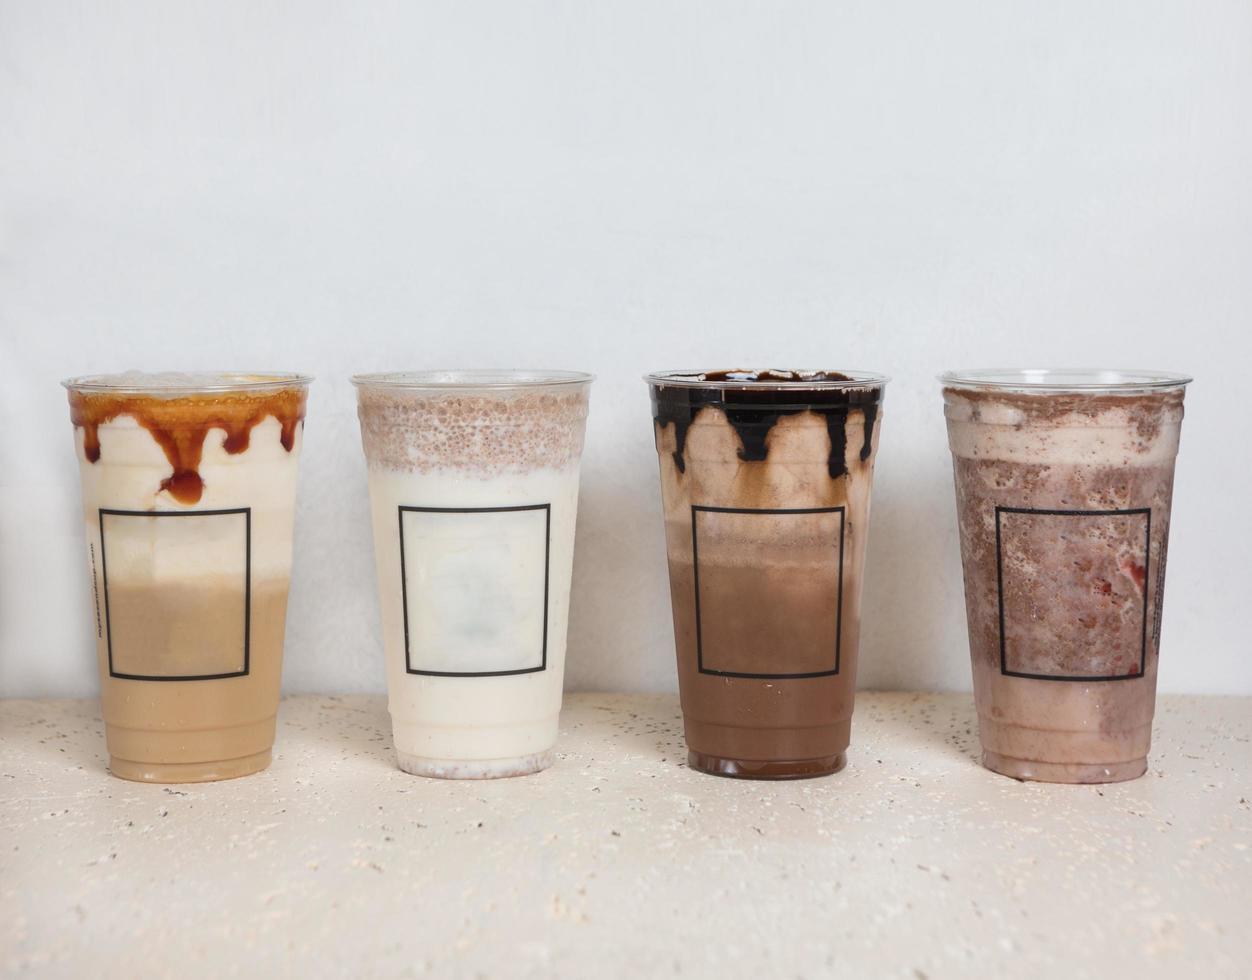 boissons au chocolat froid dans des gobelets en plastique photo